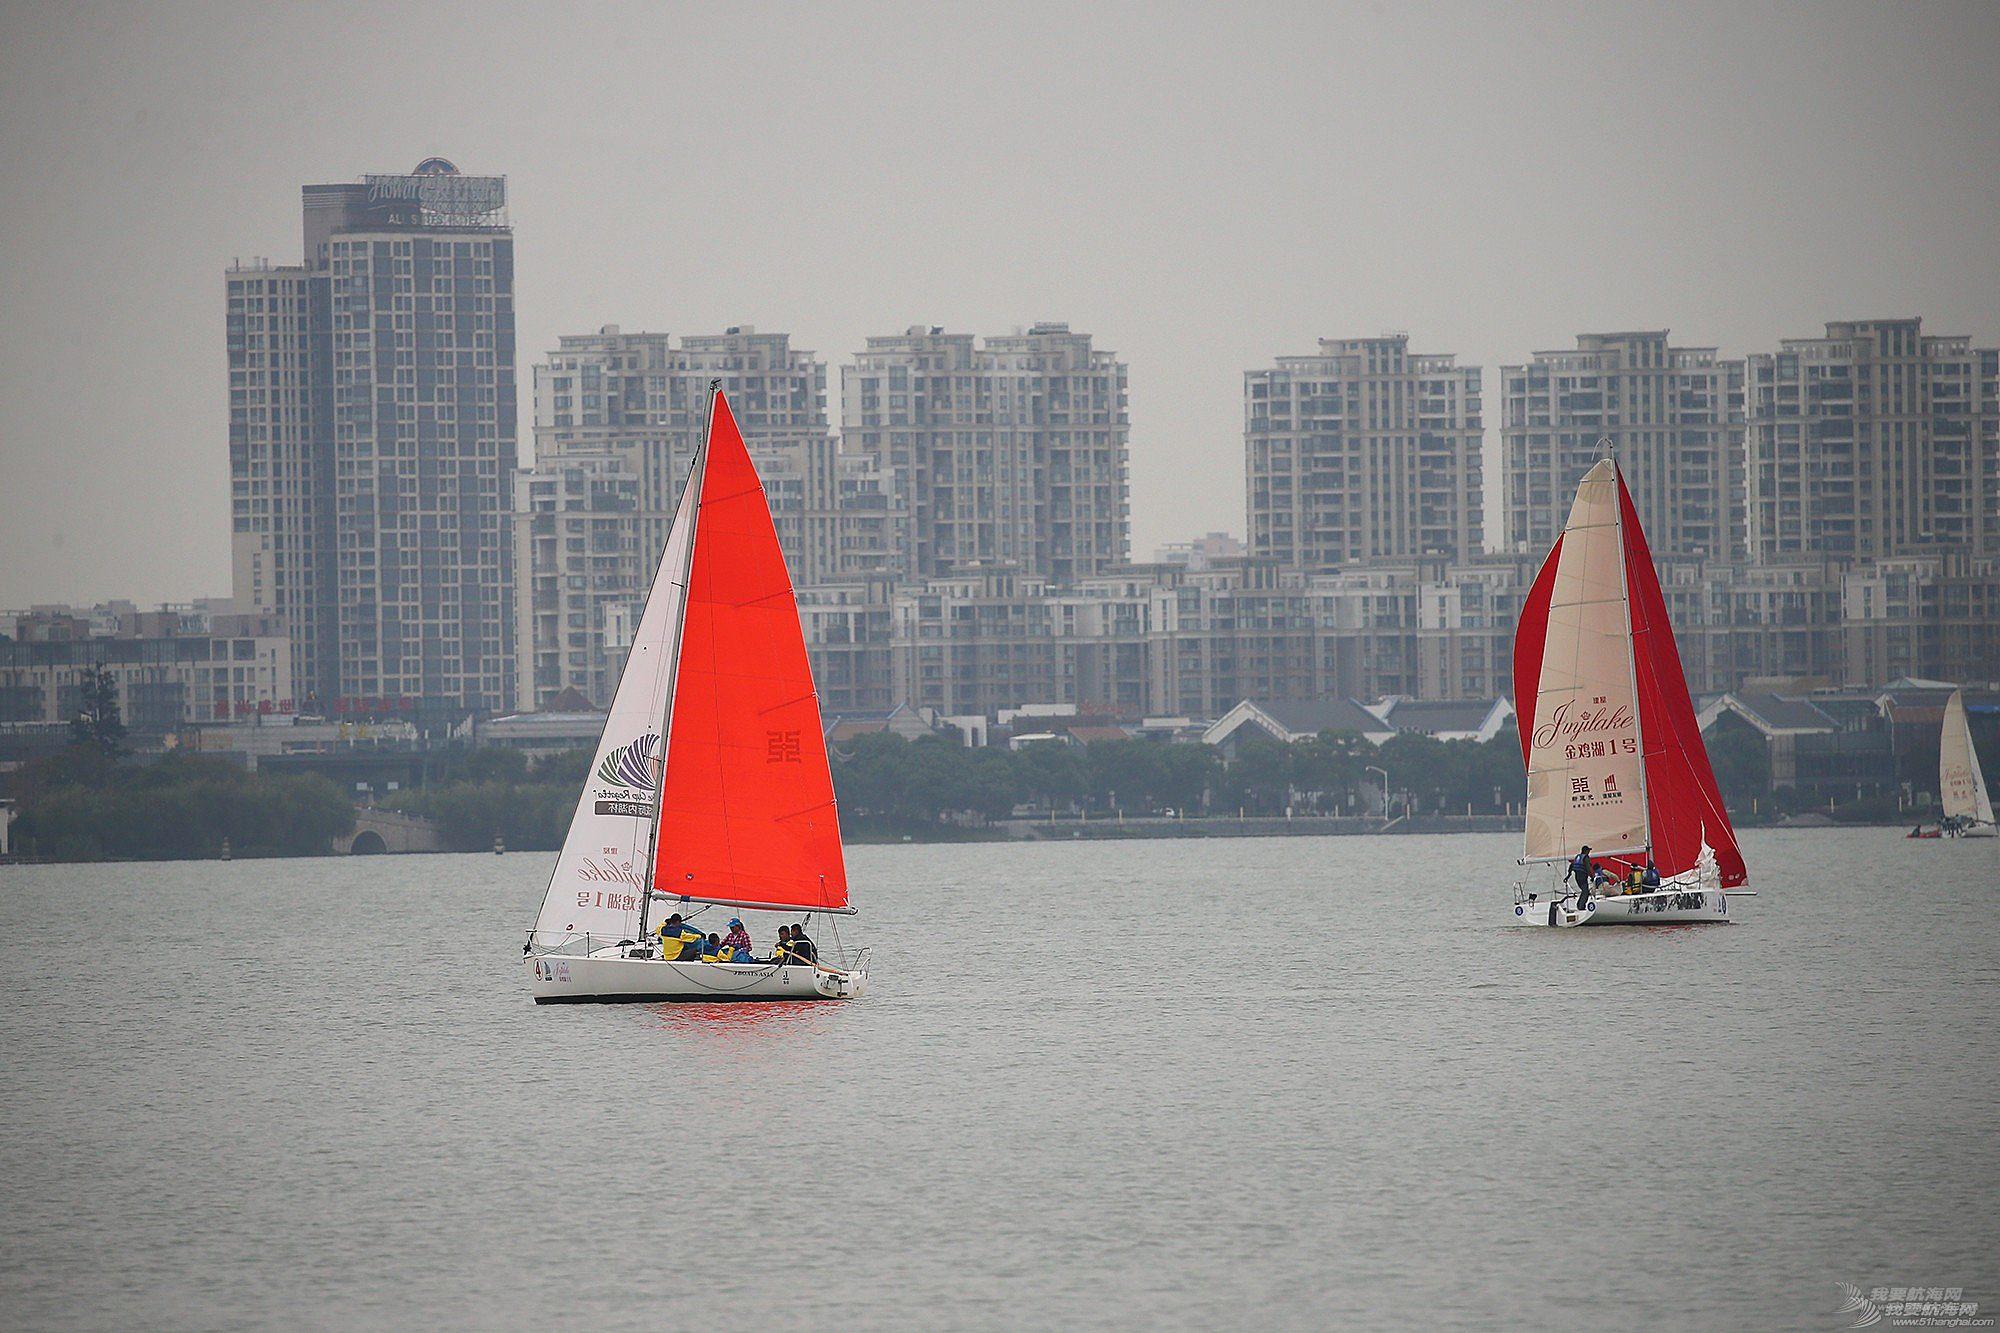 色彩,生活方式,生活空间,现代人,大自然 增添城市色彩,丰富城市语汇—城际内湖杯2016金鸡湖帆船赛赛前花絮